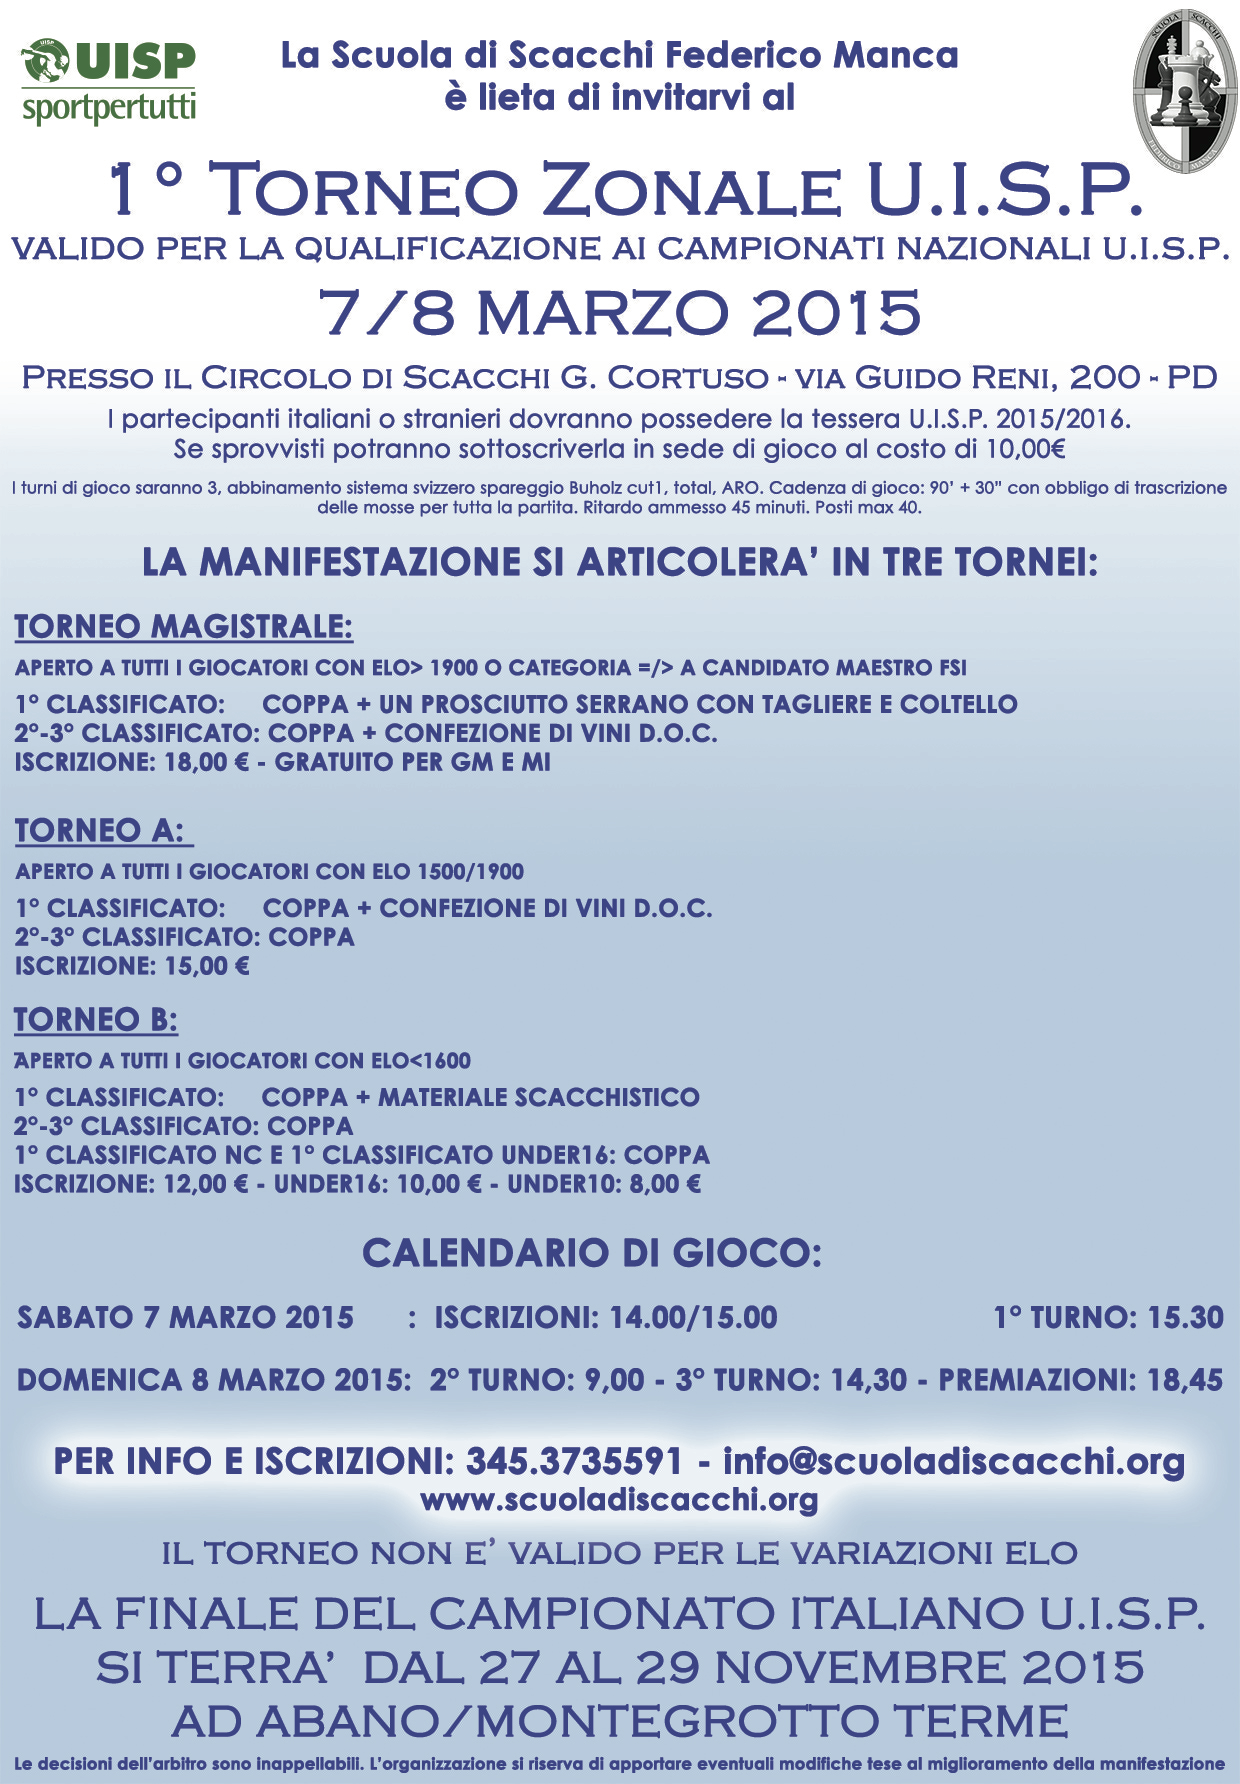 Calendario Tornei Scacchi.Scuola Di Scacchi Federico Manca 1 Torneo Zonale U I S P